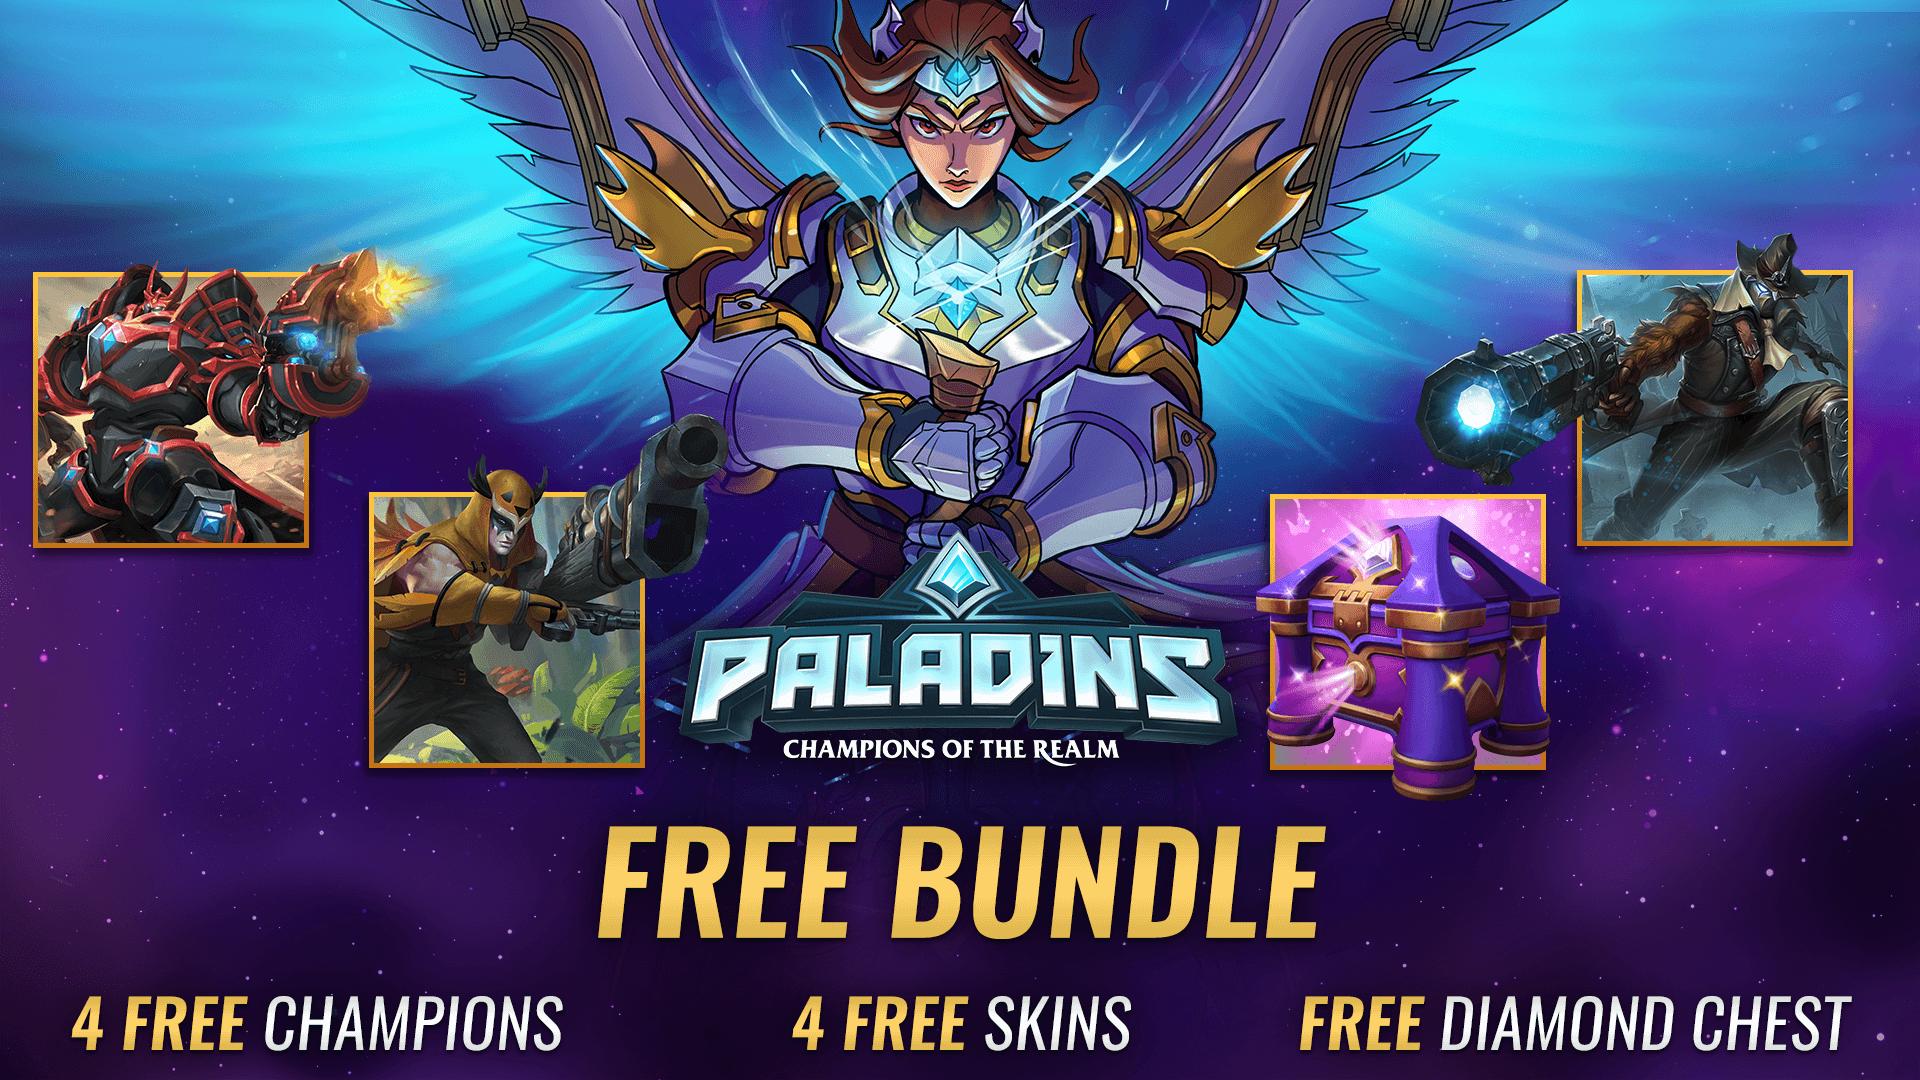 Paladins Epic Pack: Gói quà tặng trị giá hơn 400k đang được free trên Epic Games store